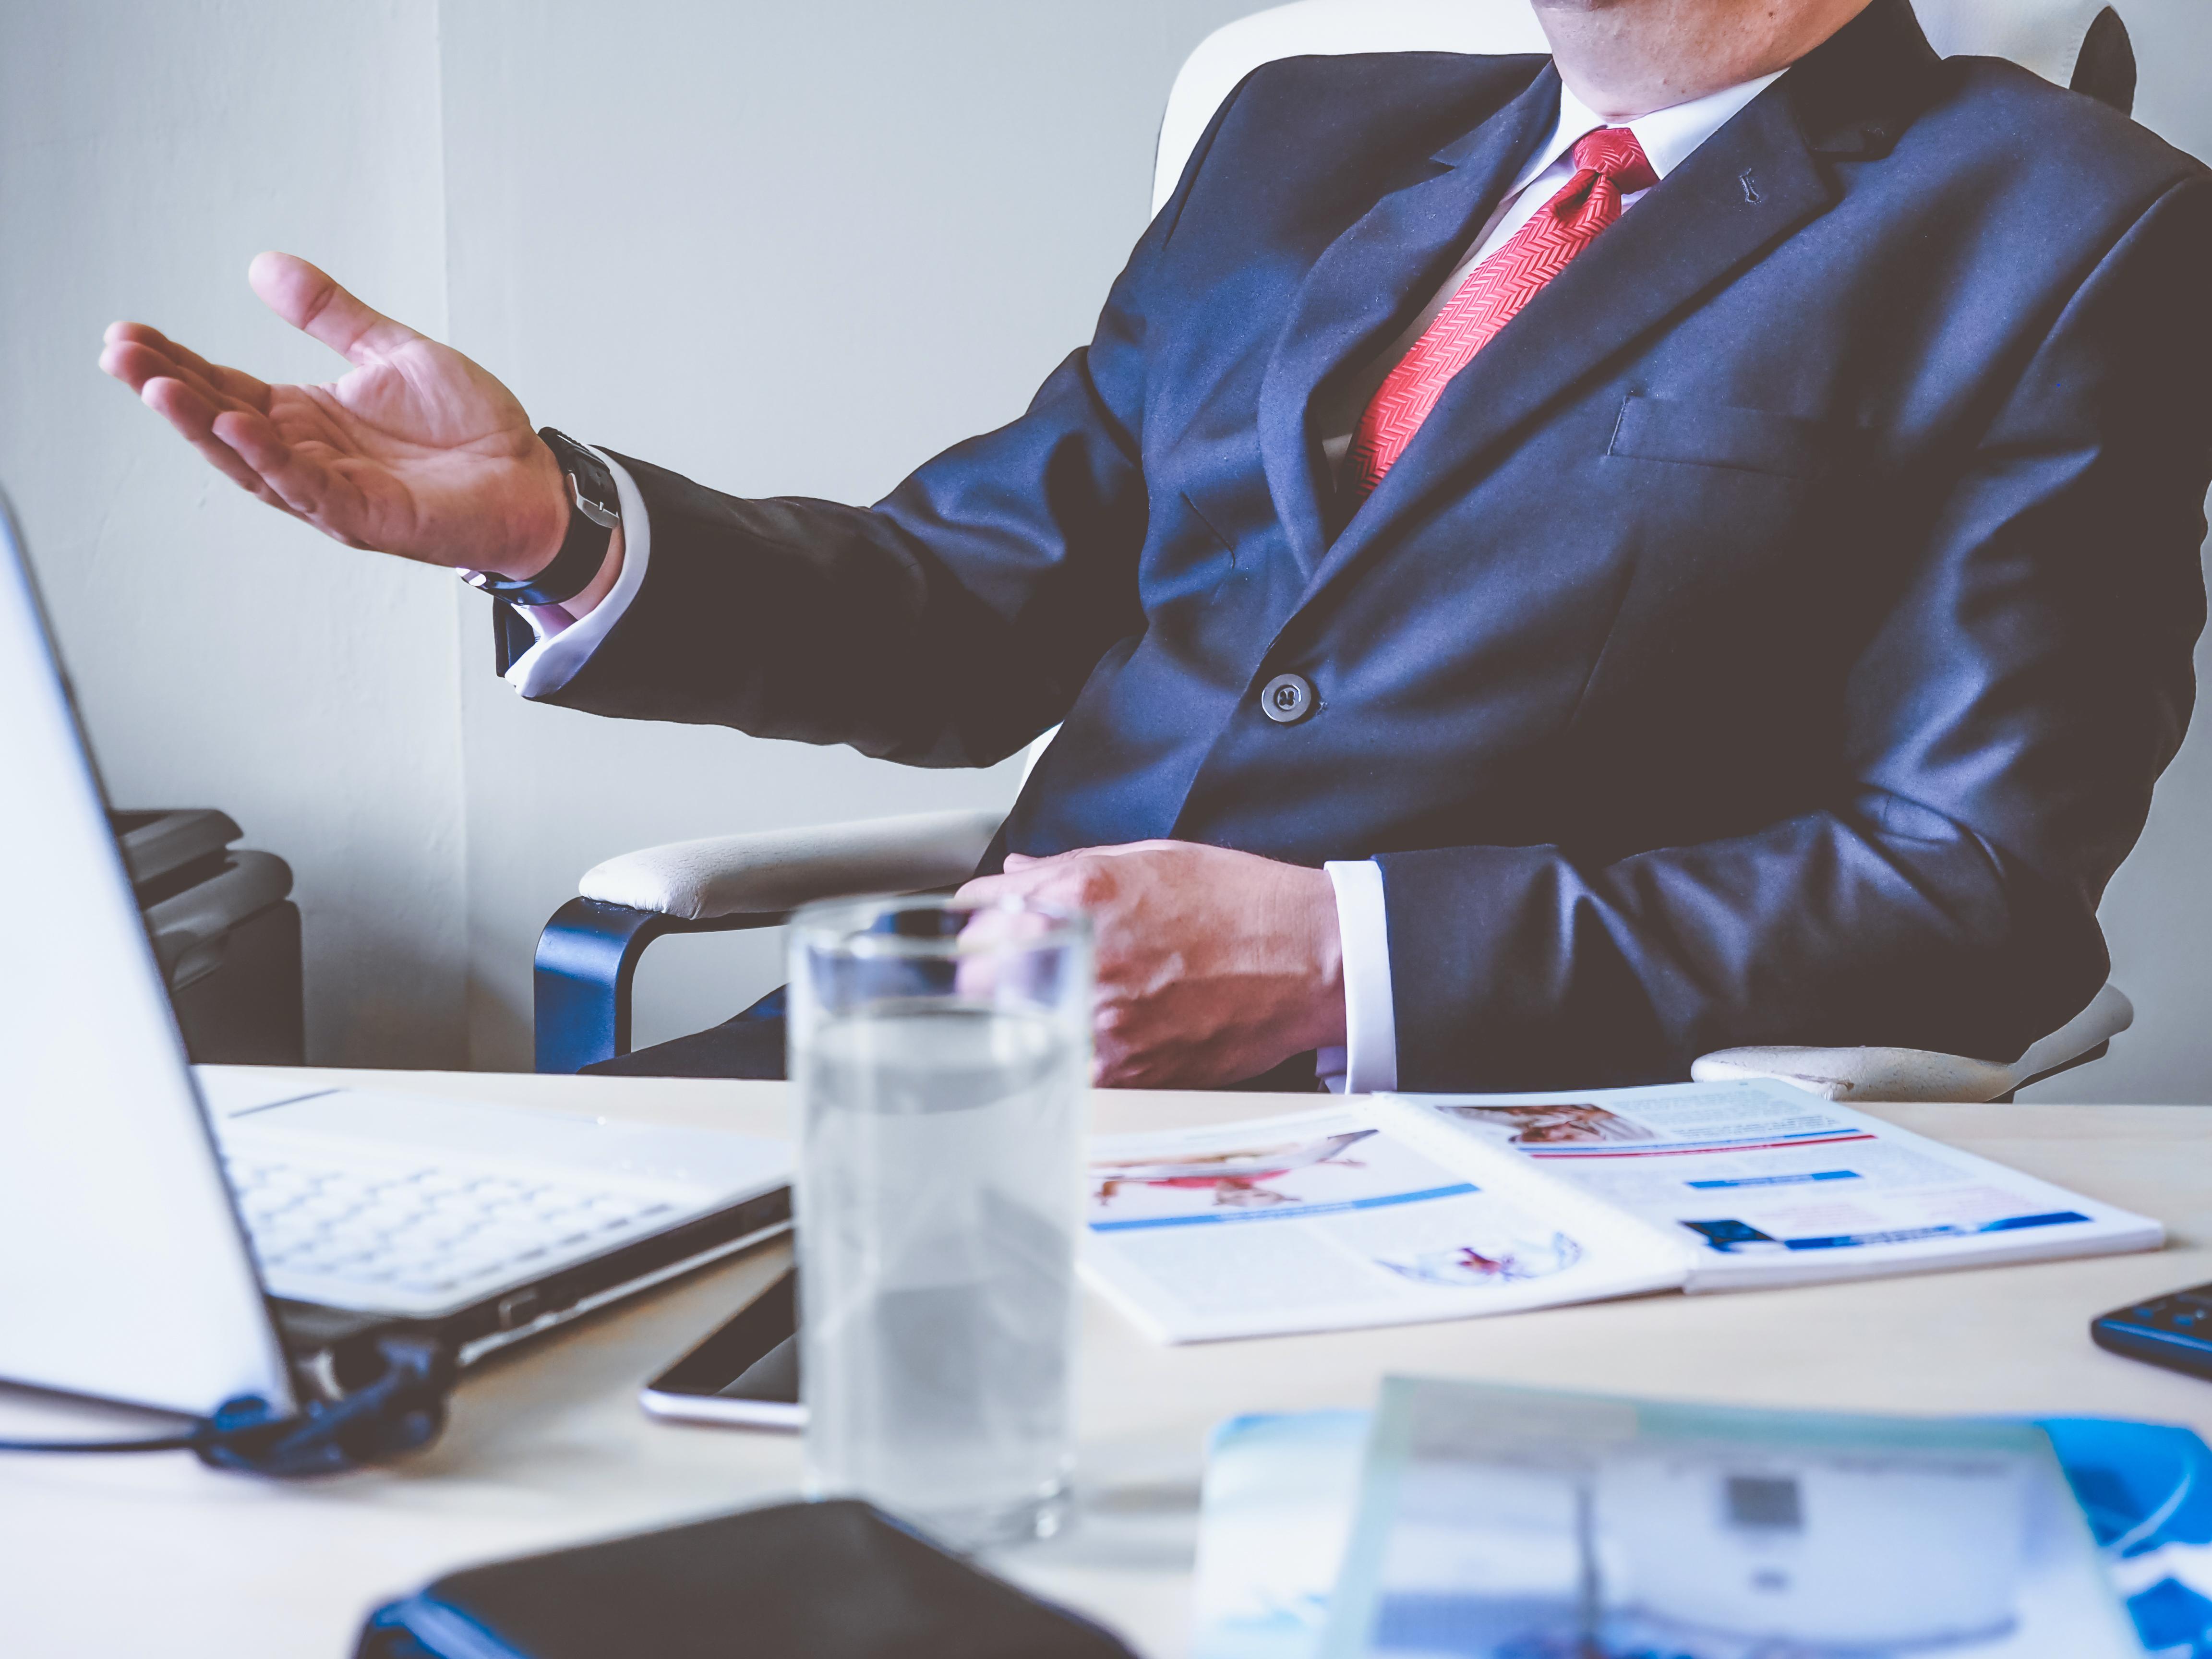 Pracovní pohovor vám s prací zajistí i vyšší plat